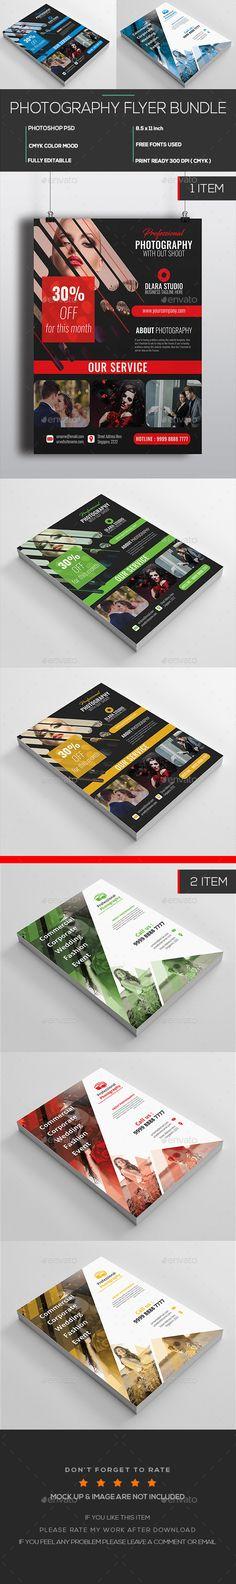 2 in 1 Door Hanger Design Template Volume 2 - Miscellaneous - door hanger design template